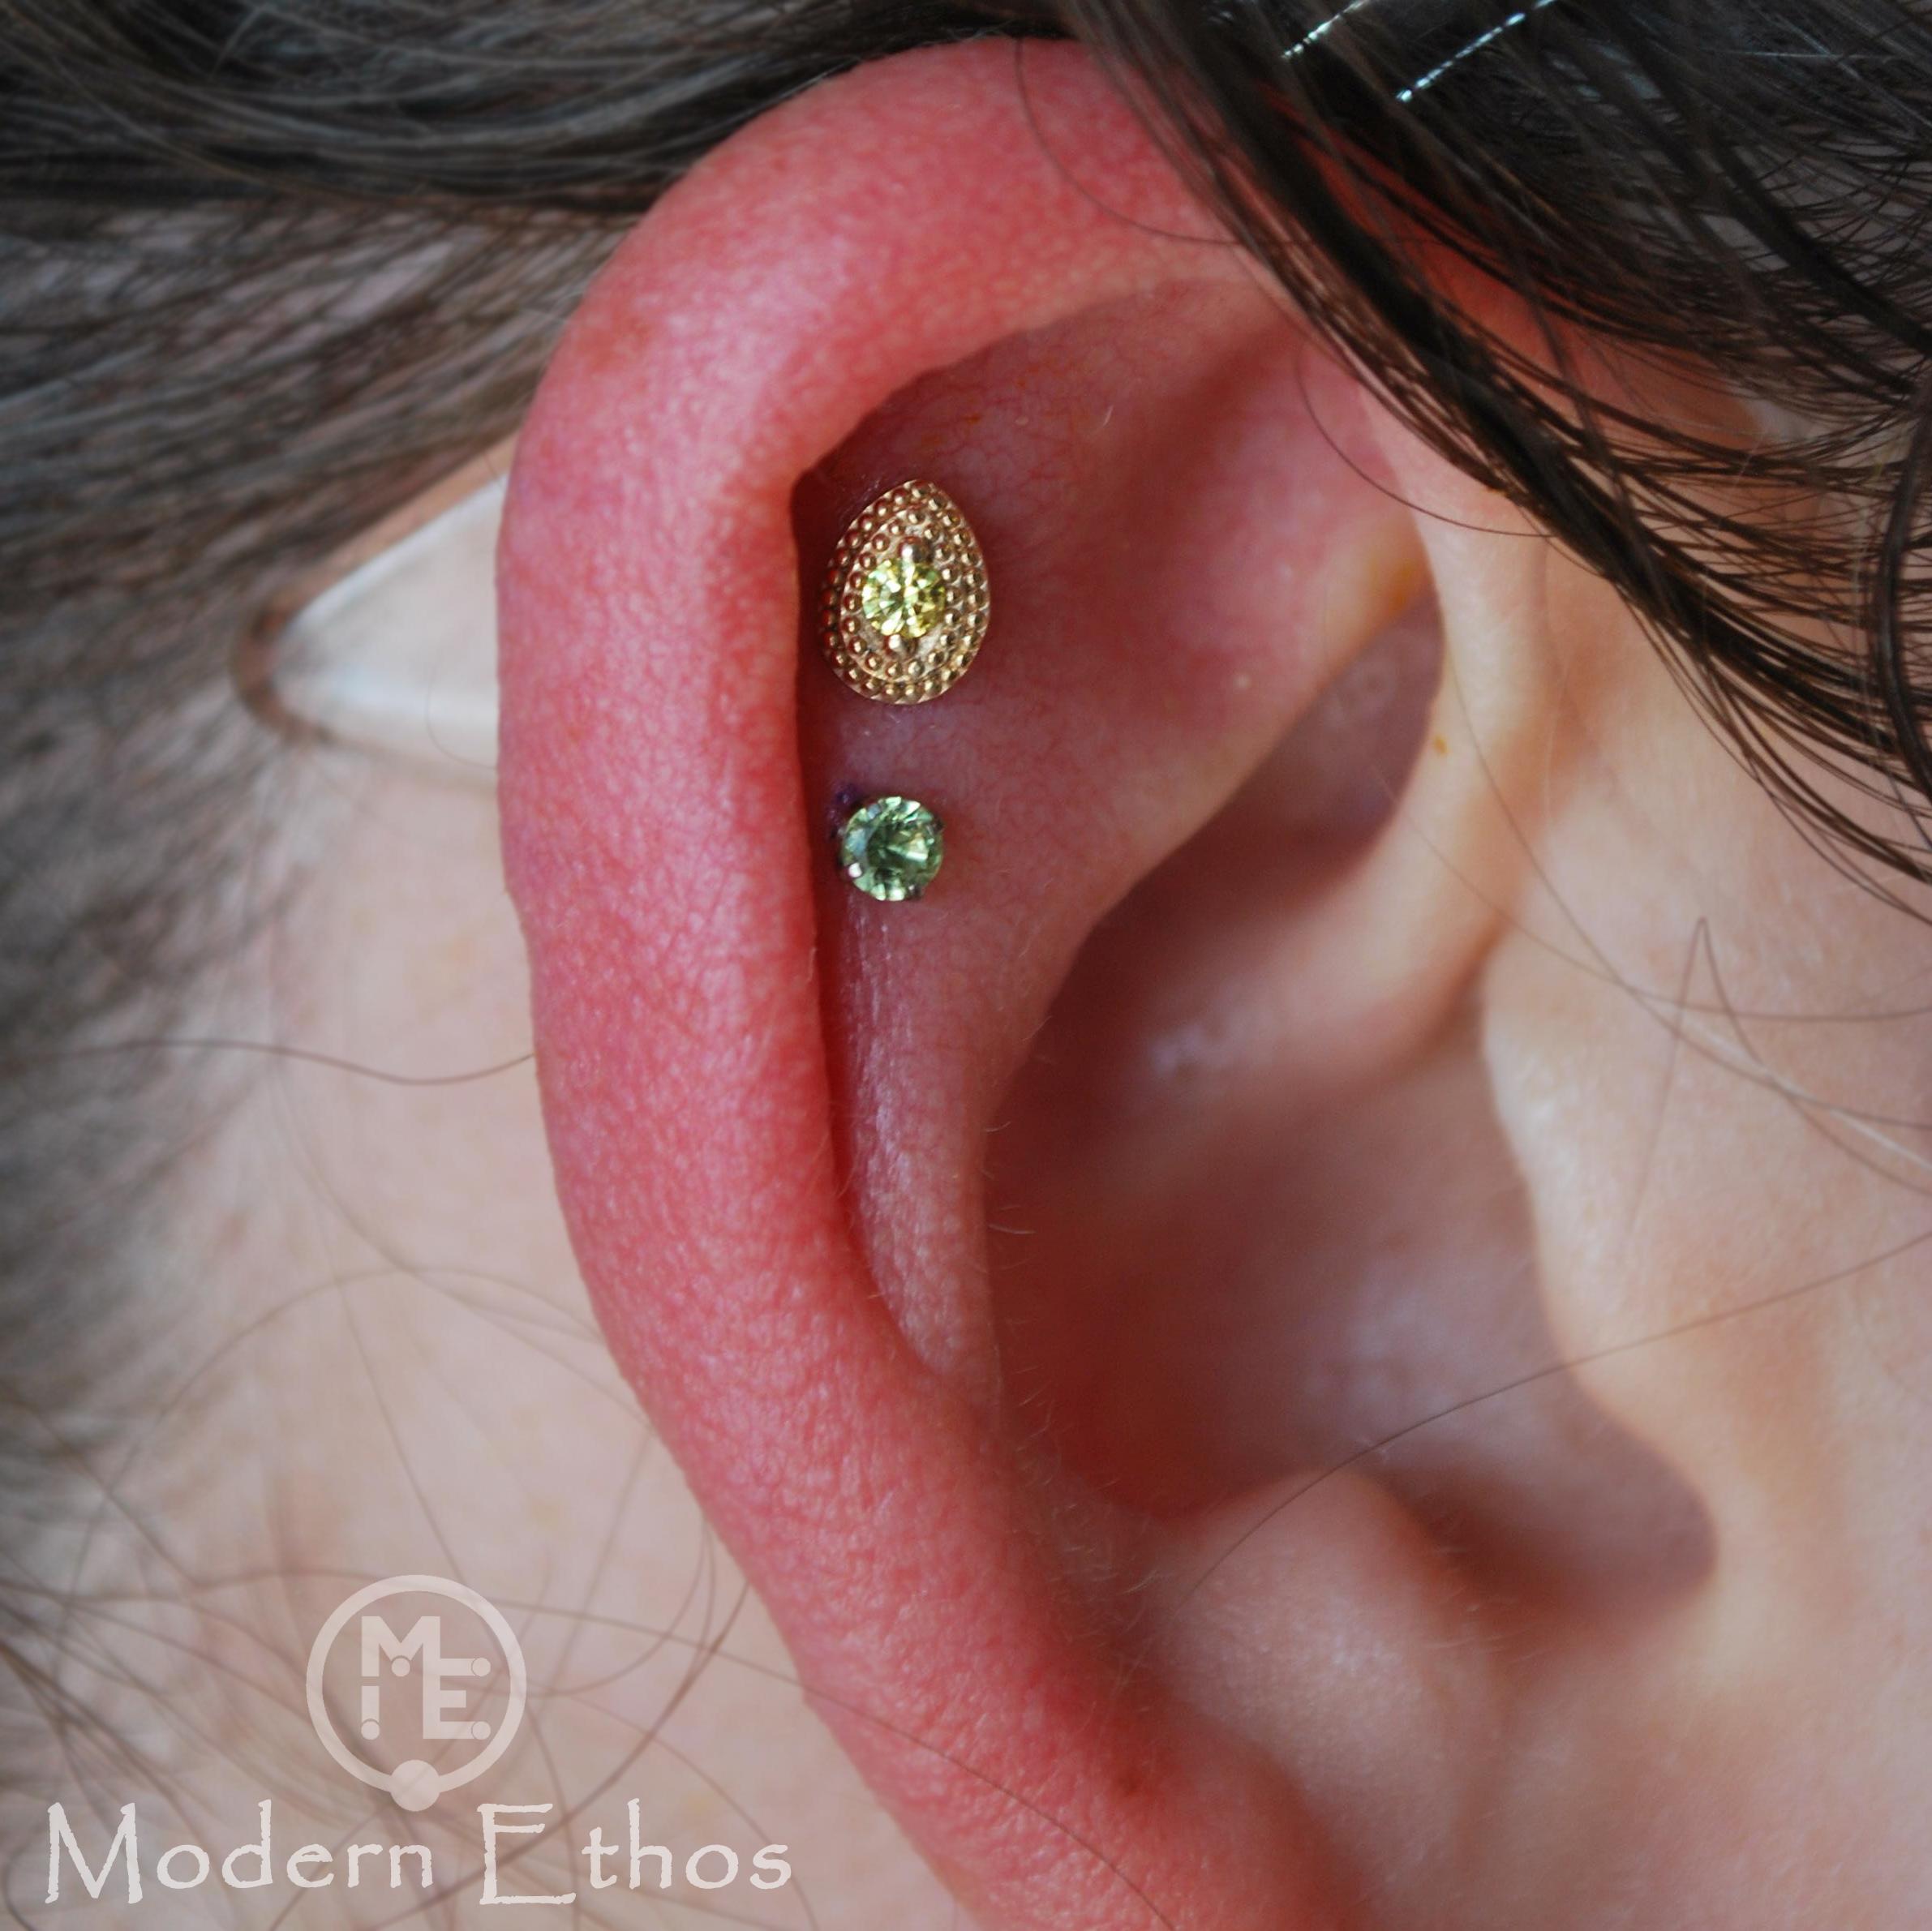 Body Piercings Modern Ethos Piercing Fine Jewelry